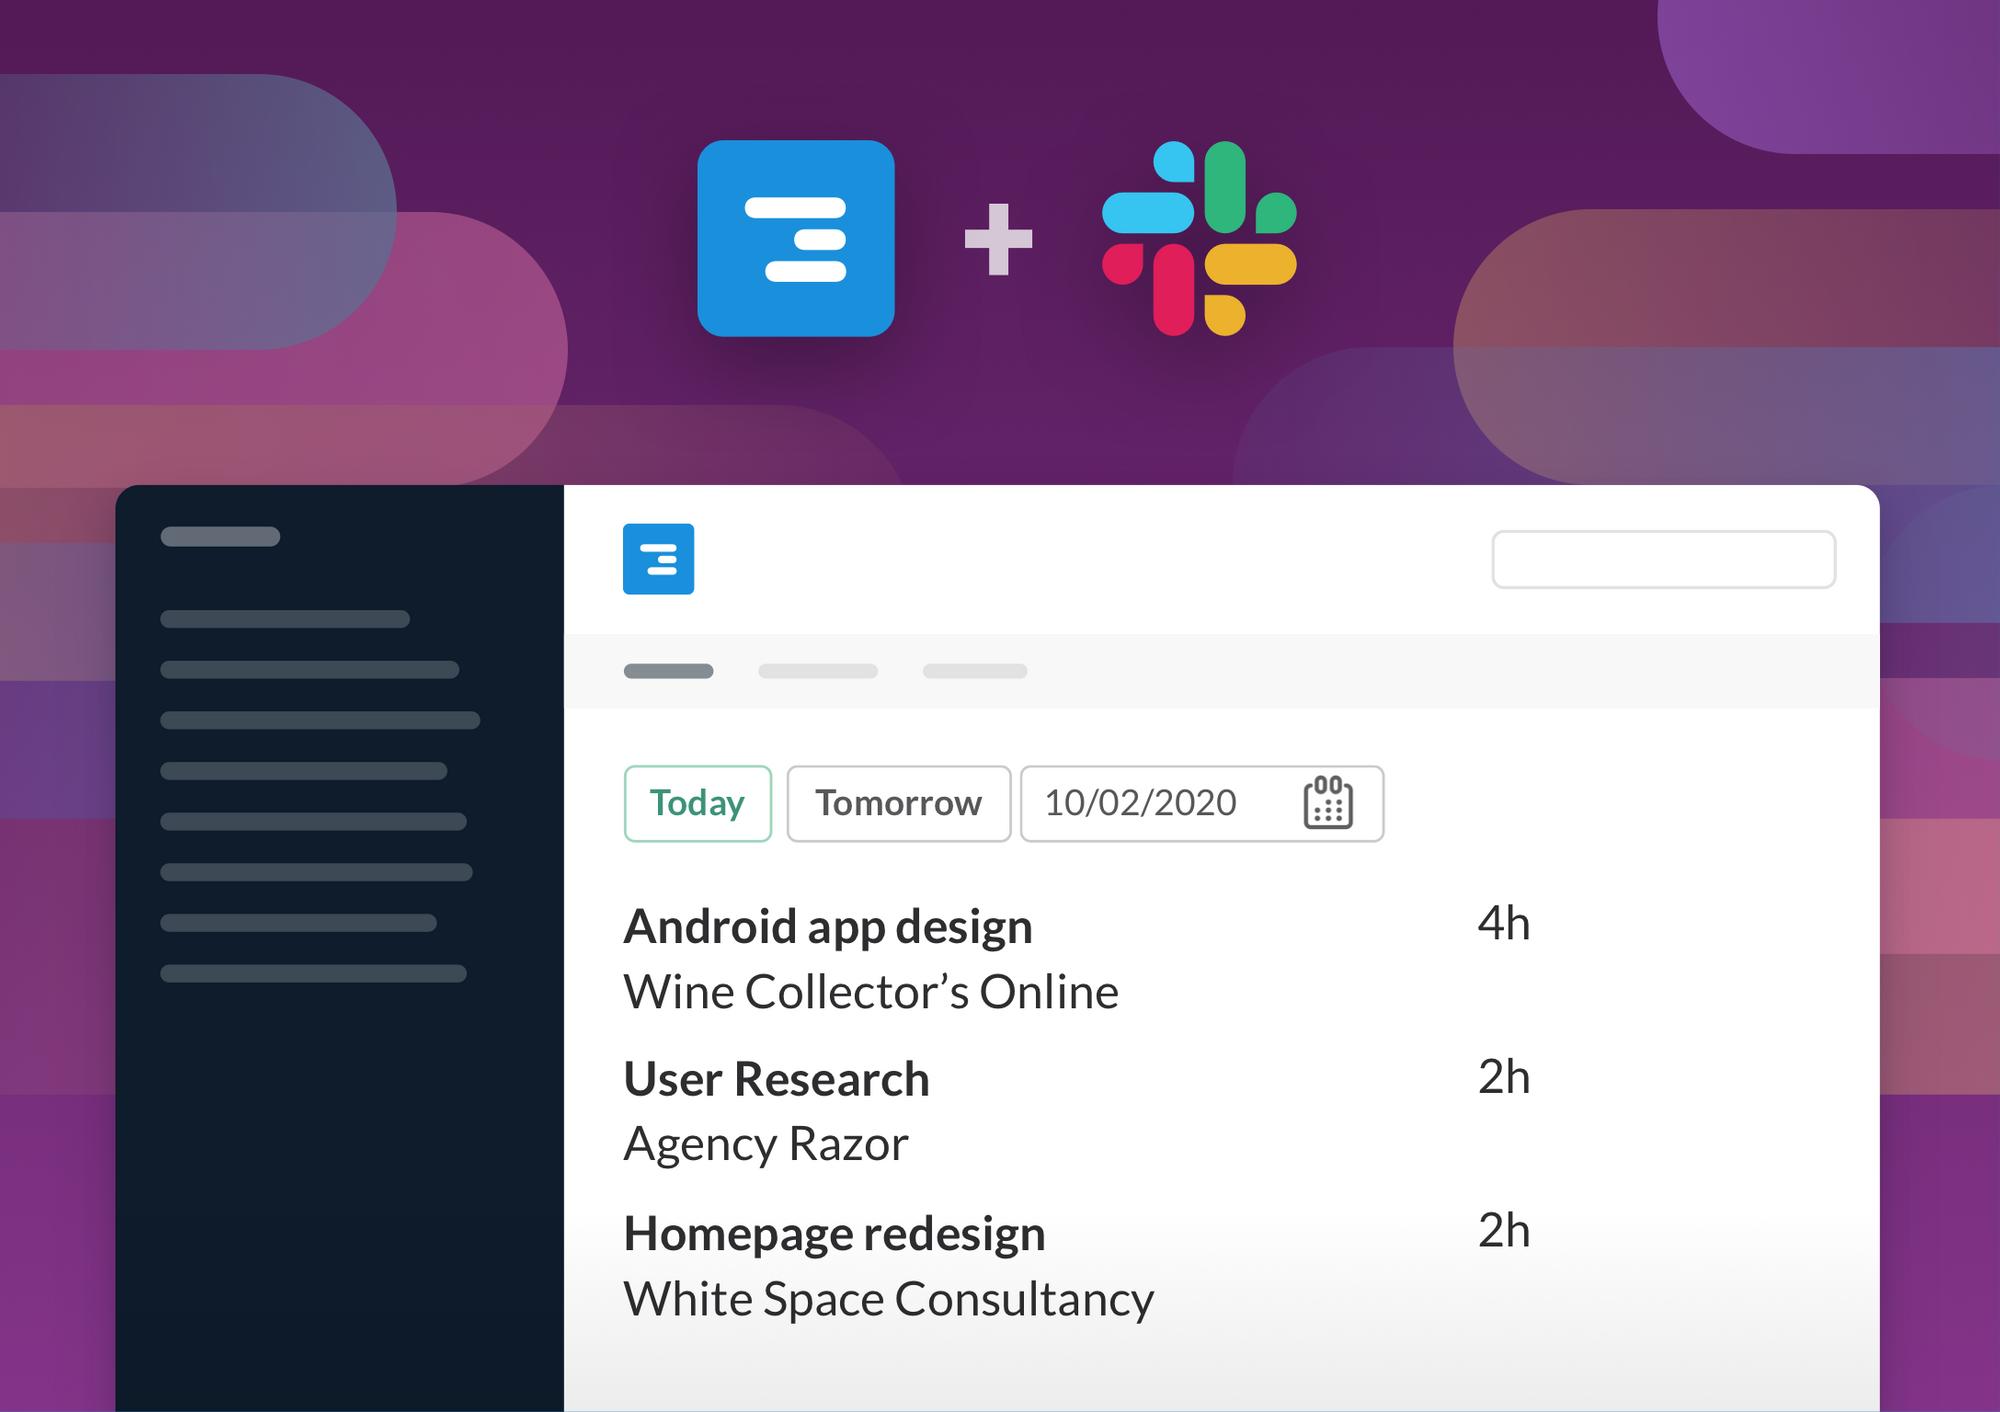 Slack Notifications App: Get Your Schedule Delivered to Slack